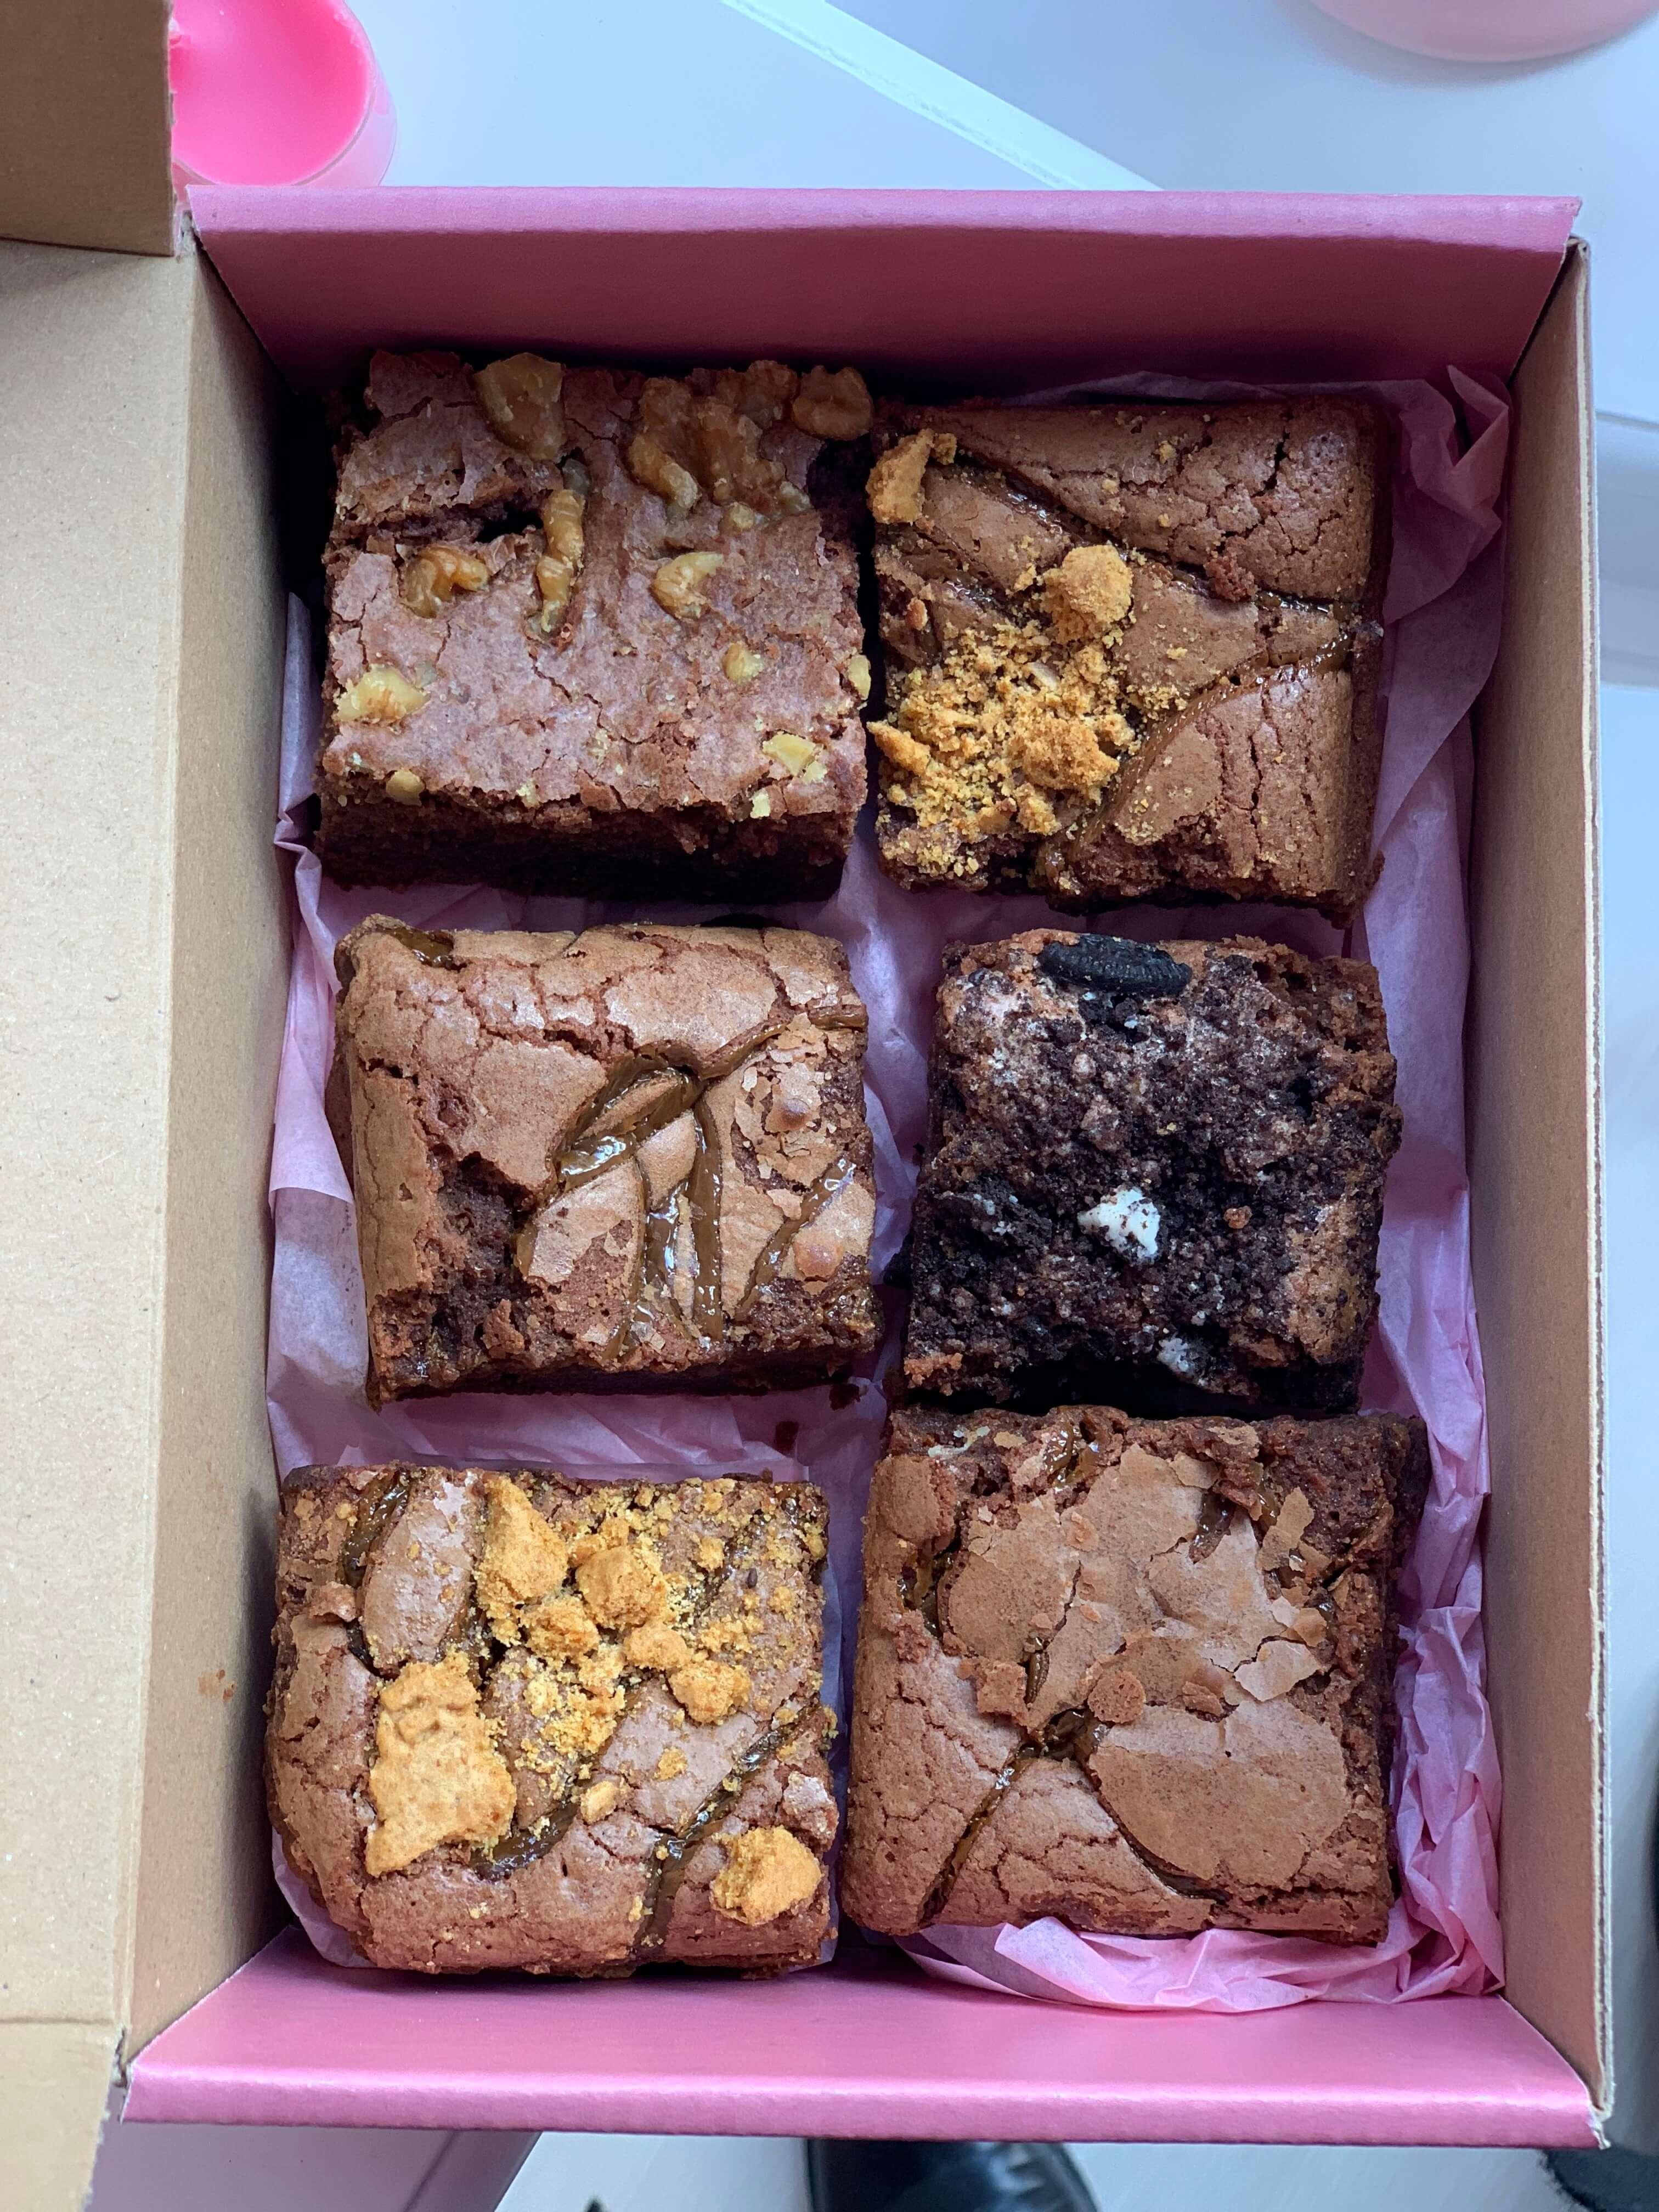 seis brownies de chocolate en una caja de cartón